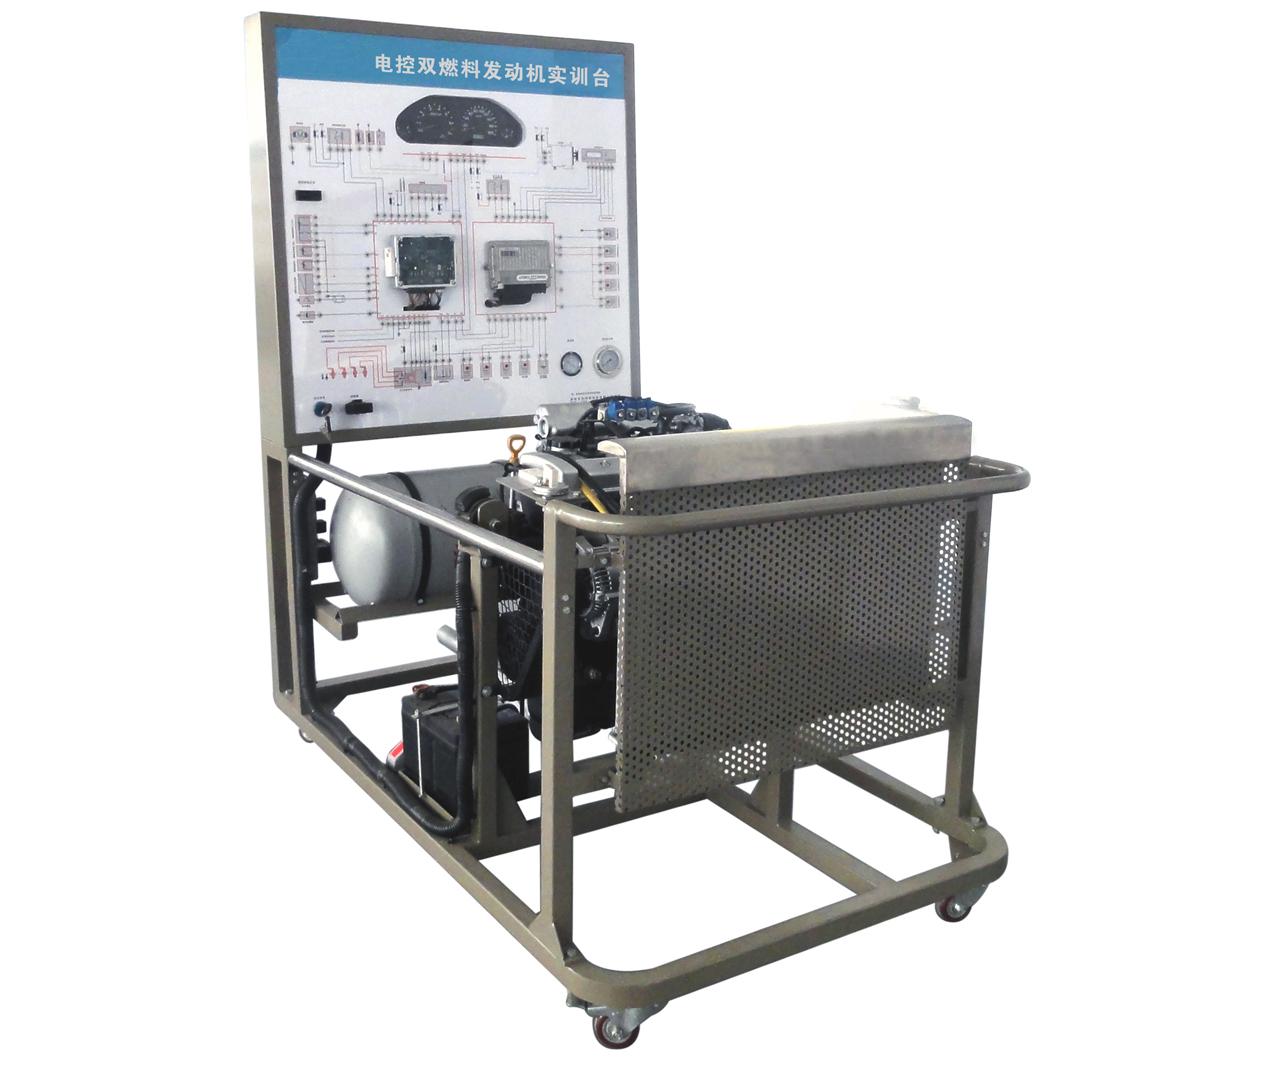 一、产品简介: 该设备采用丰田威驰8A-FE电控双燃料发动机为基础,对发动机可进行起动、加速、减速等工况的实践操作,真实展示电控双燃料发动机的组成结构和工作过程。适用于中高等职业技术院校、普通教育类学院和培训机构对电控双燃料发动机和维修实训的教学需要。 二、功能特点: 1.